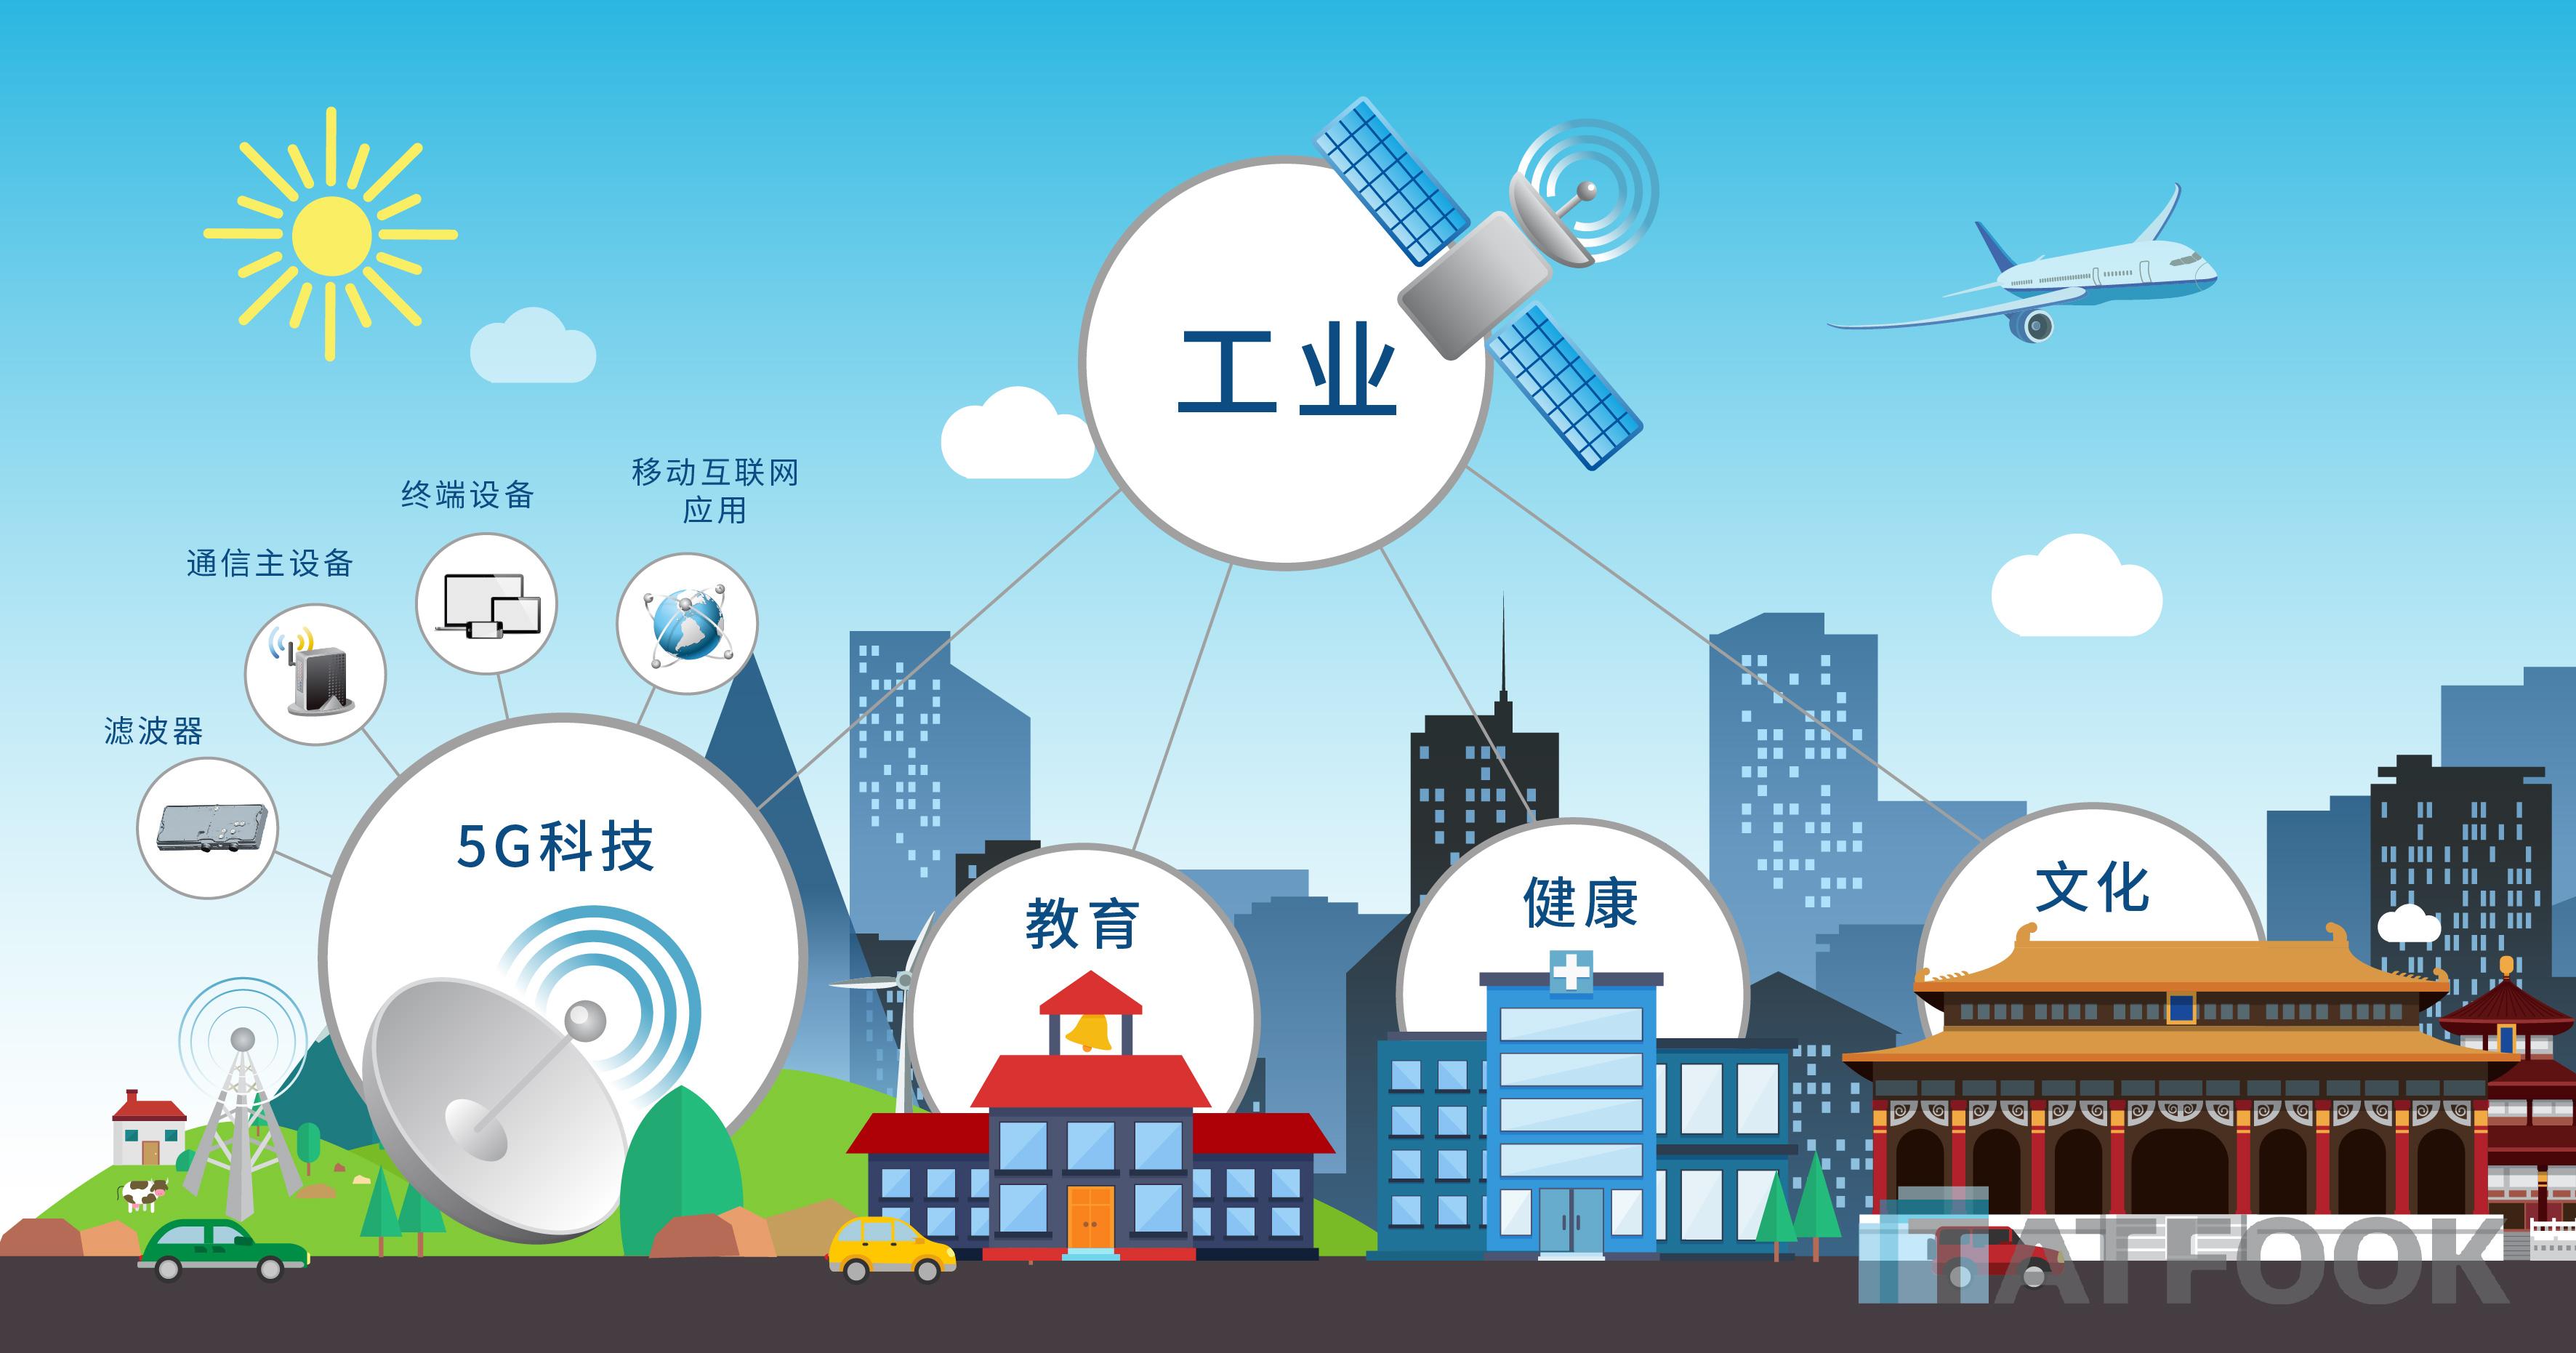 大富科技联合郑州港,打造全新5G大时代